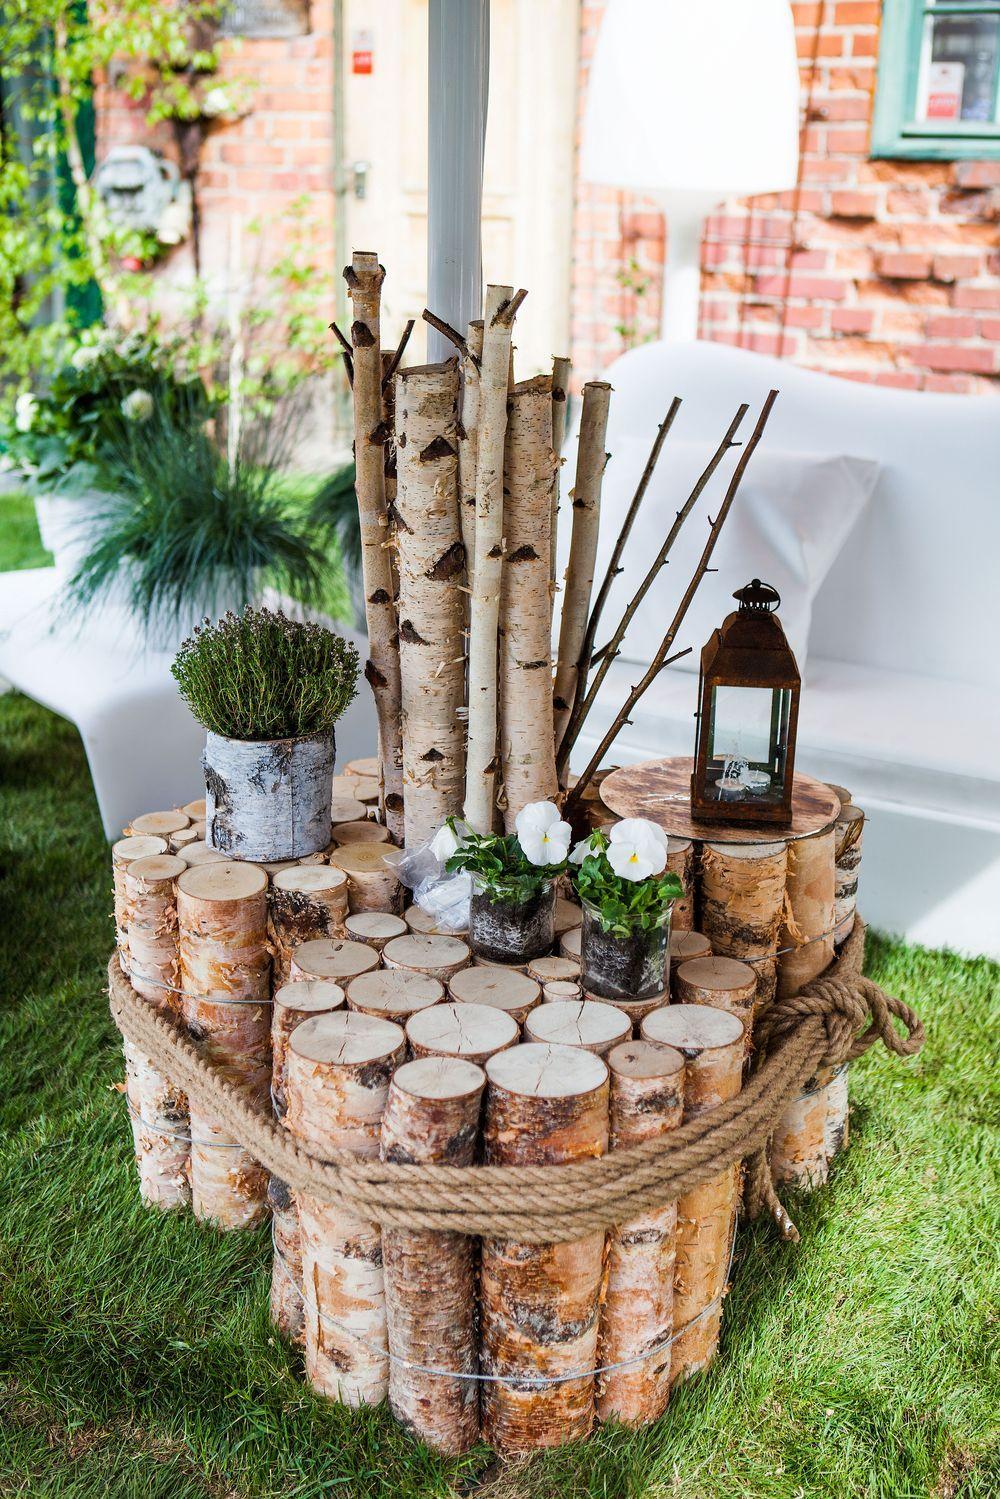 Déco Jardin Diy: Idées Originales Et Faciles Avec Objet De ... pour Deco Jardin